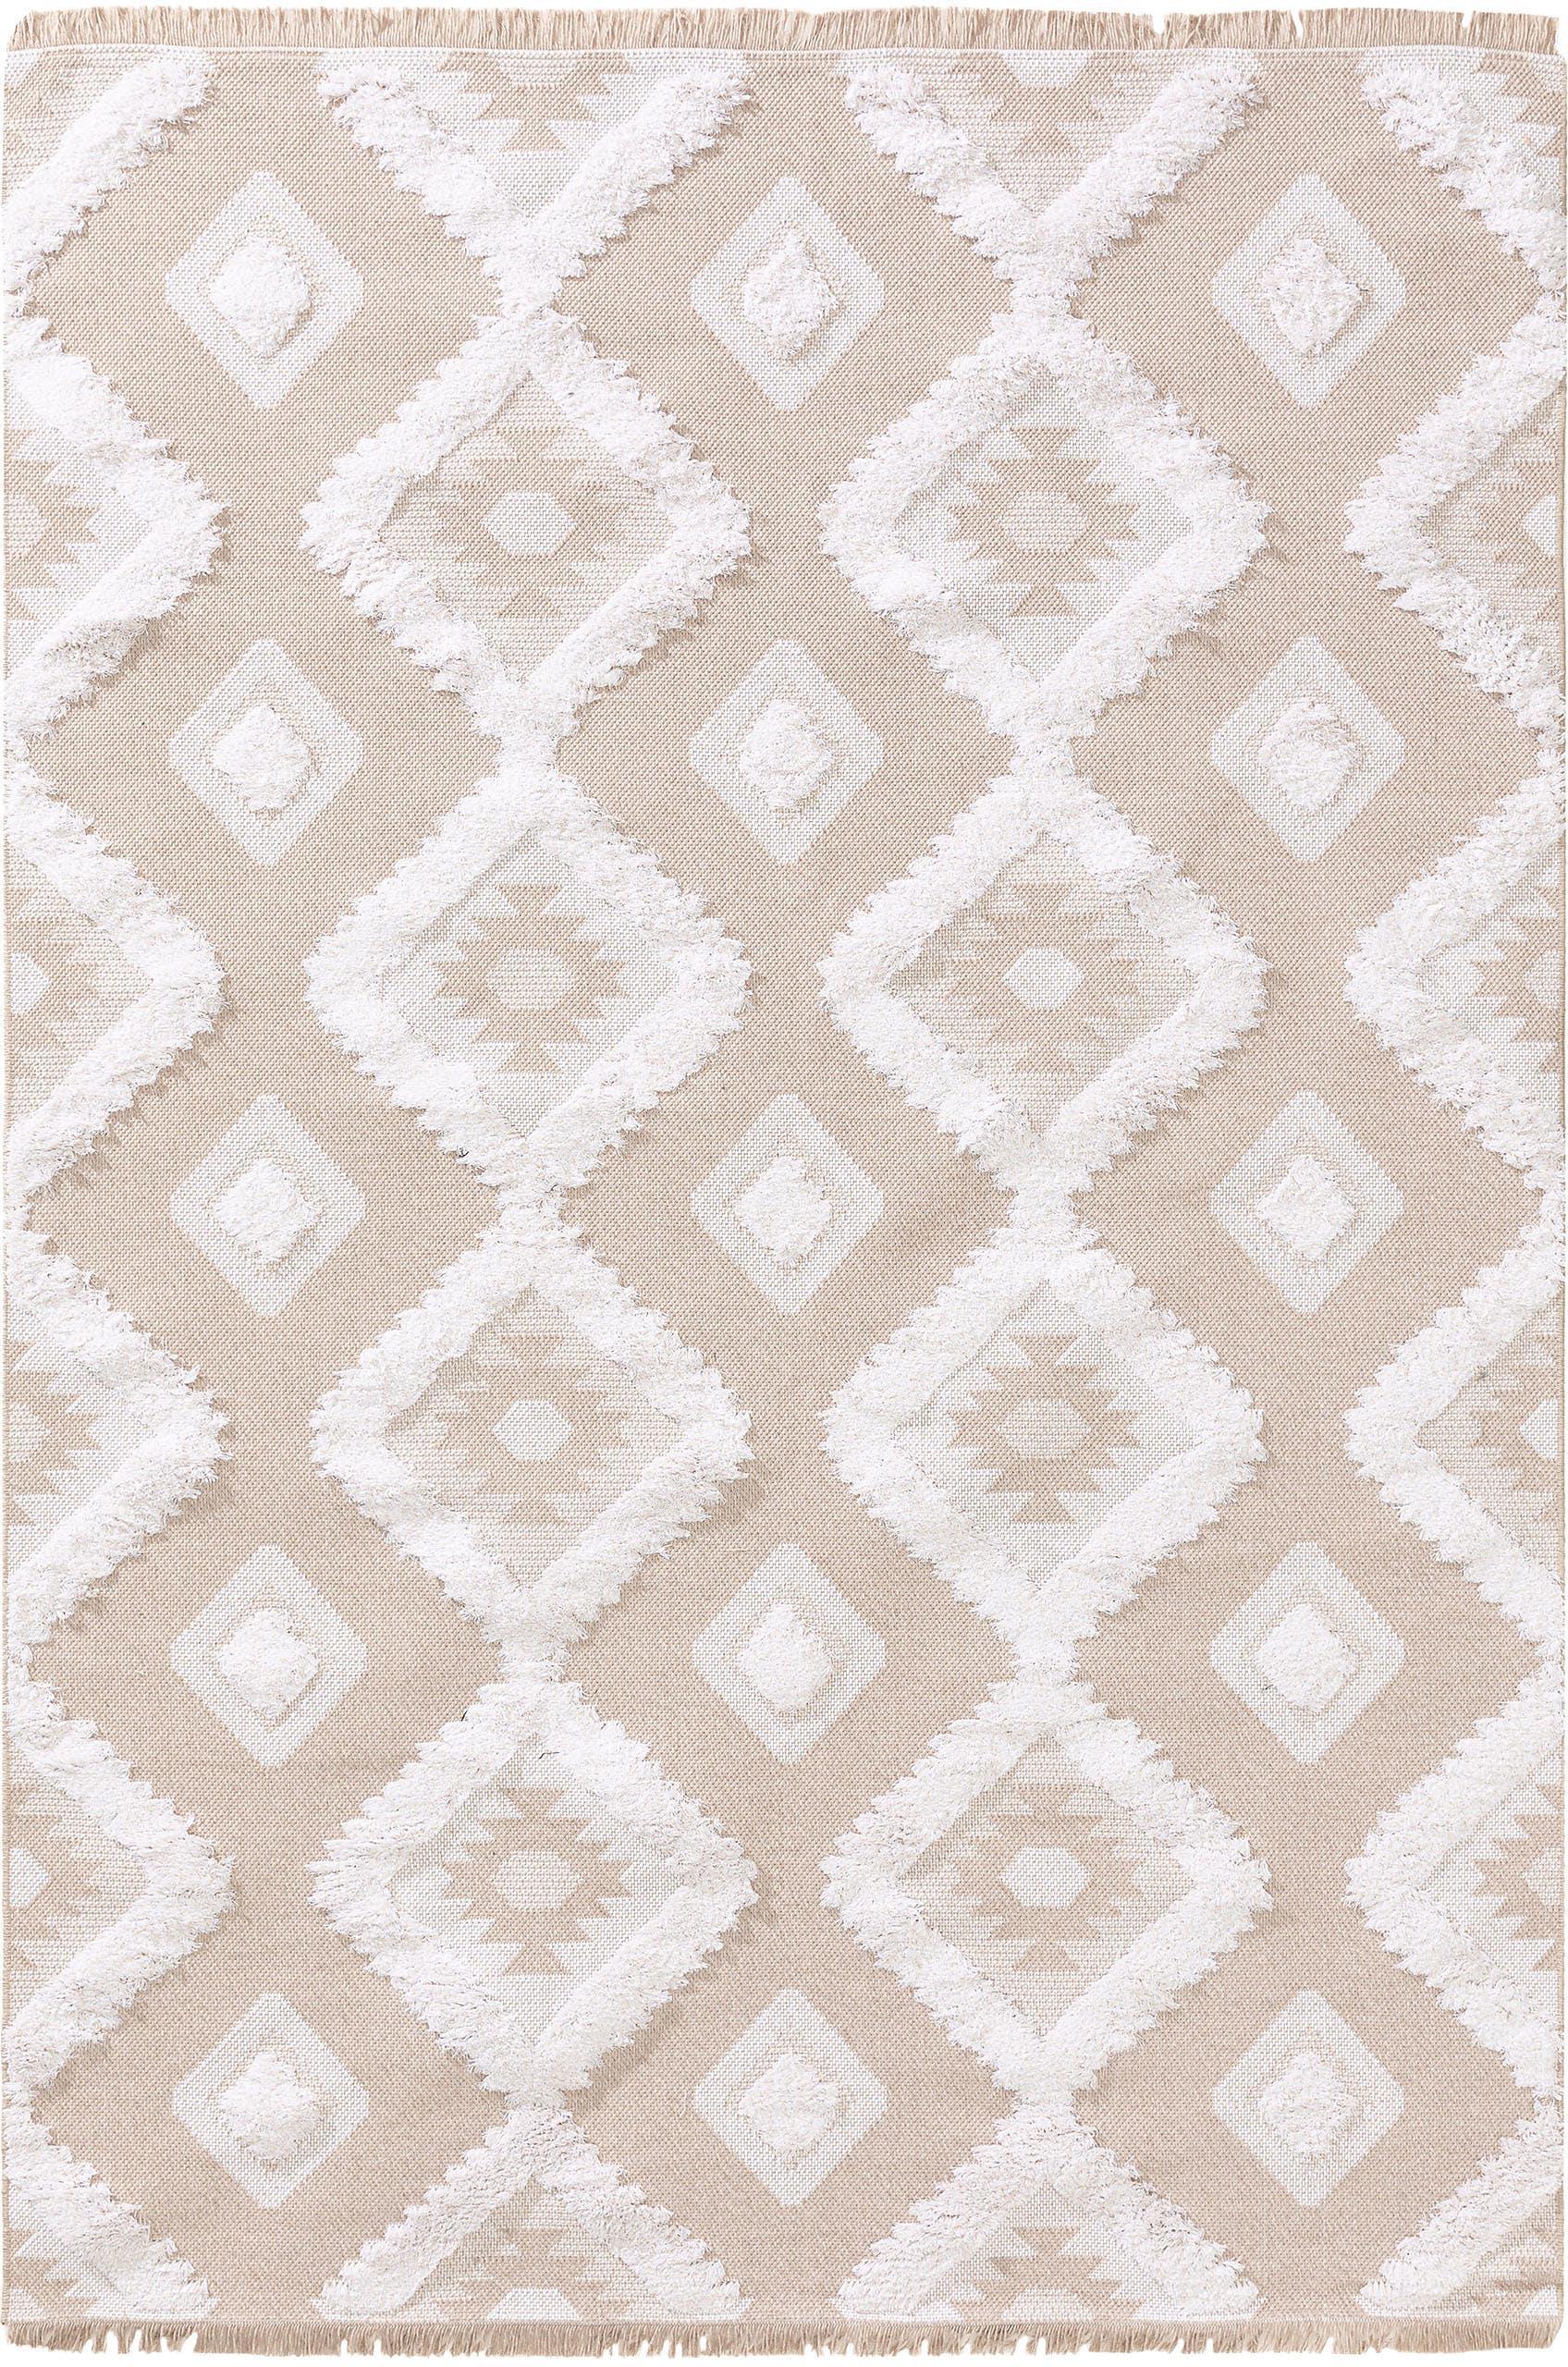 Dywan z bawełny Oslo Squares, 100% bawełna, Kremowobiały, beżowy, S 190 x D 280 cm